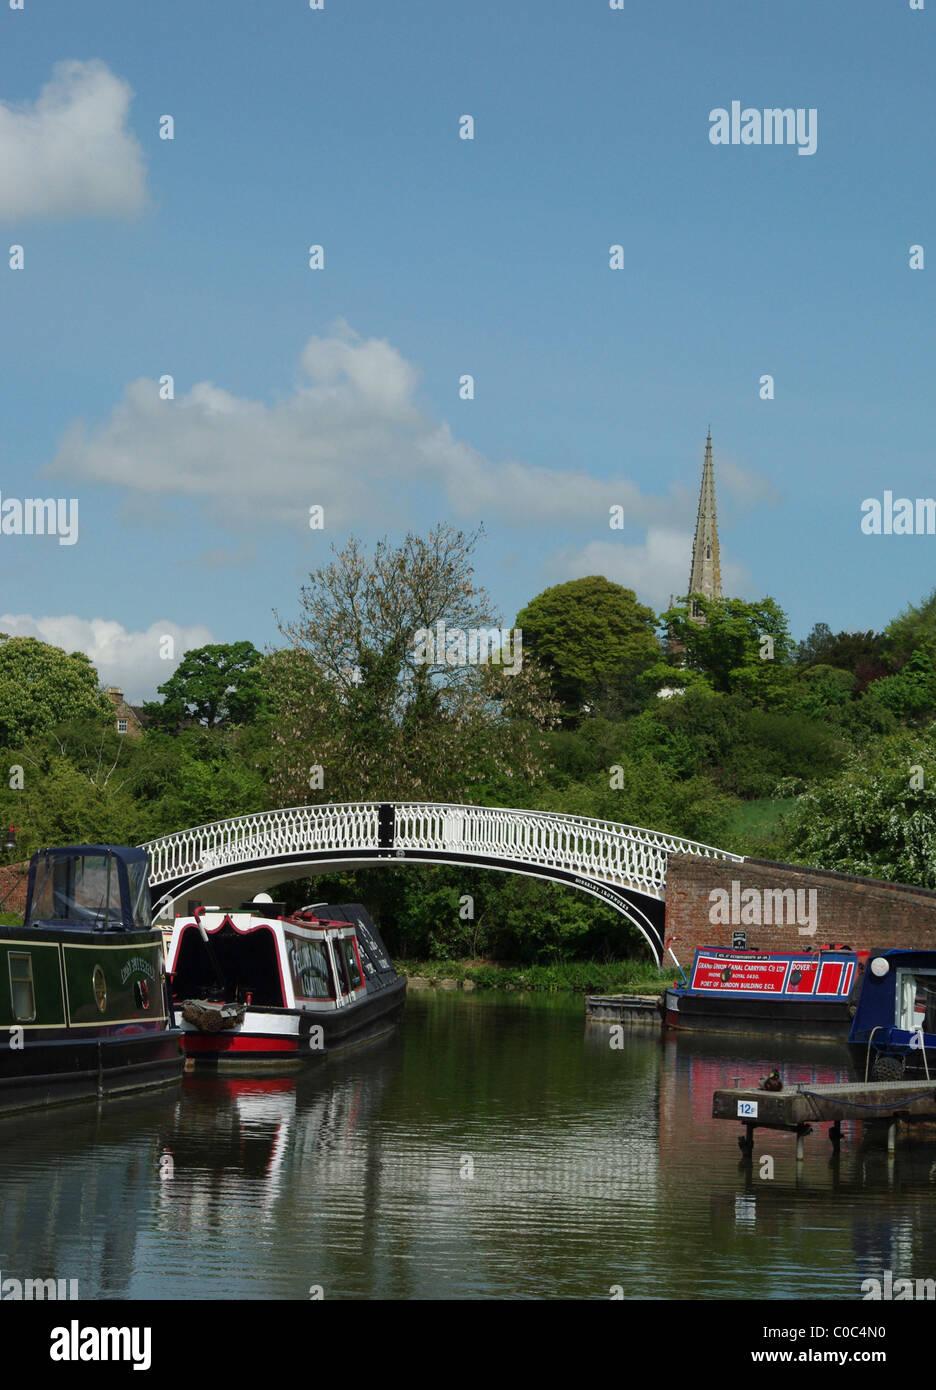 Colourful narrowboats at Braunston Marina, Northamptonshire, England, UK - Stock Image